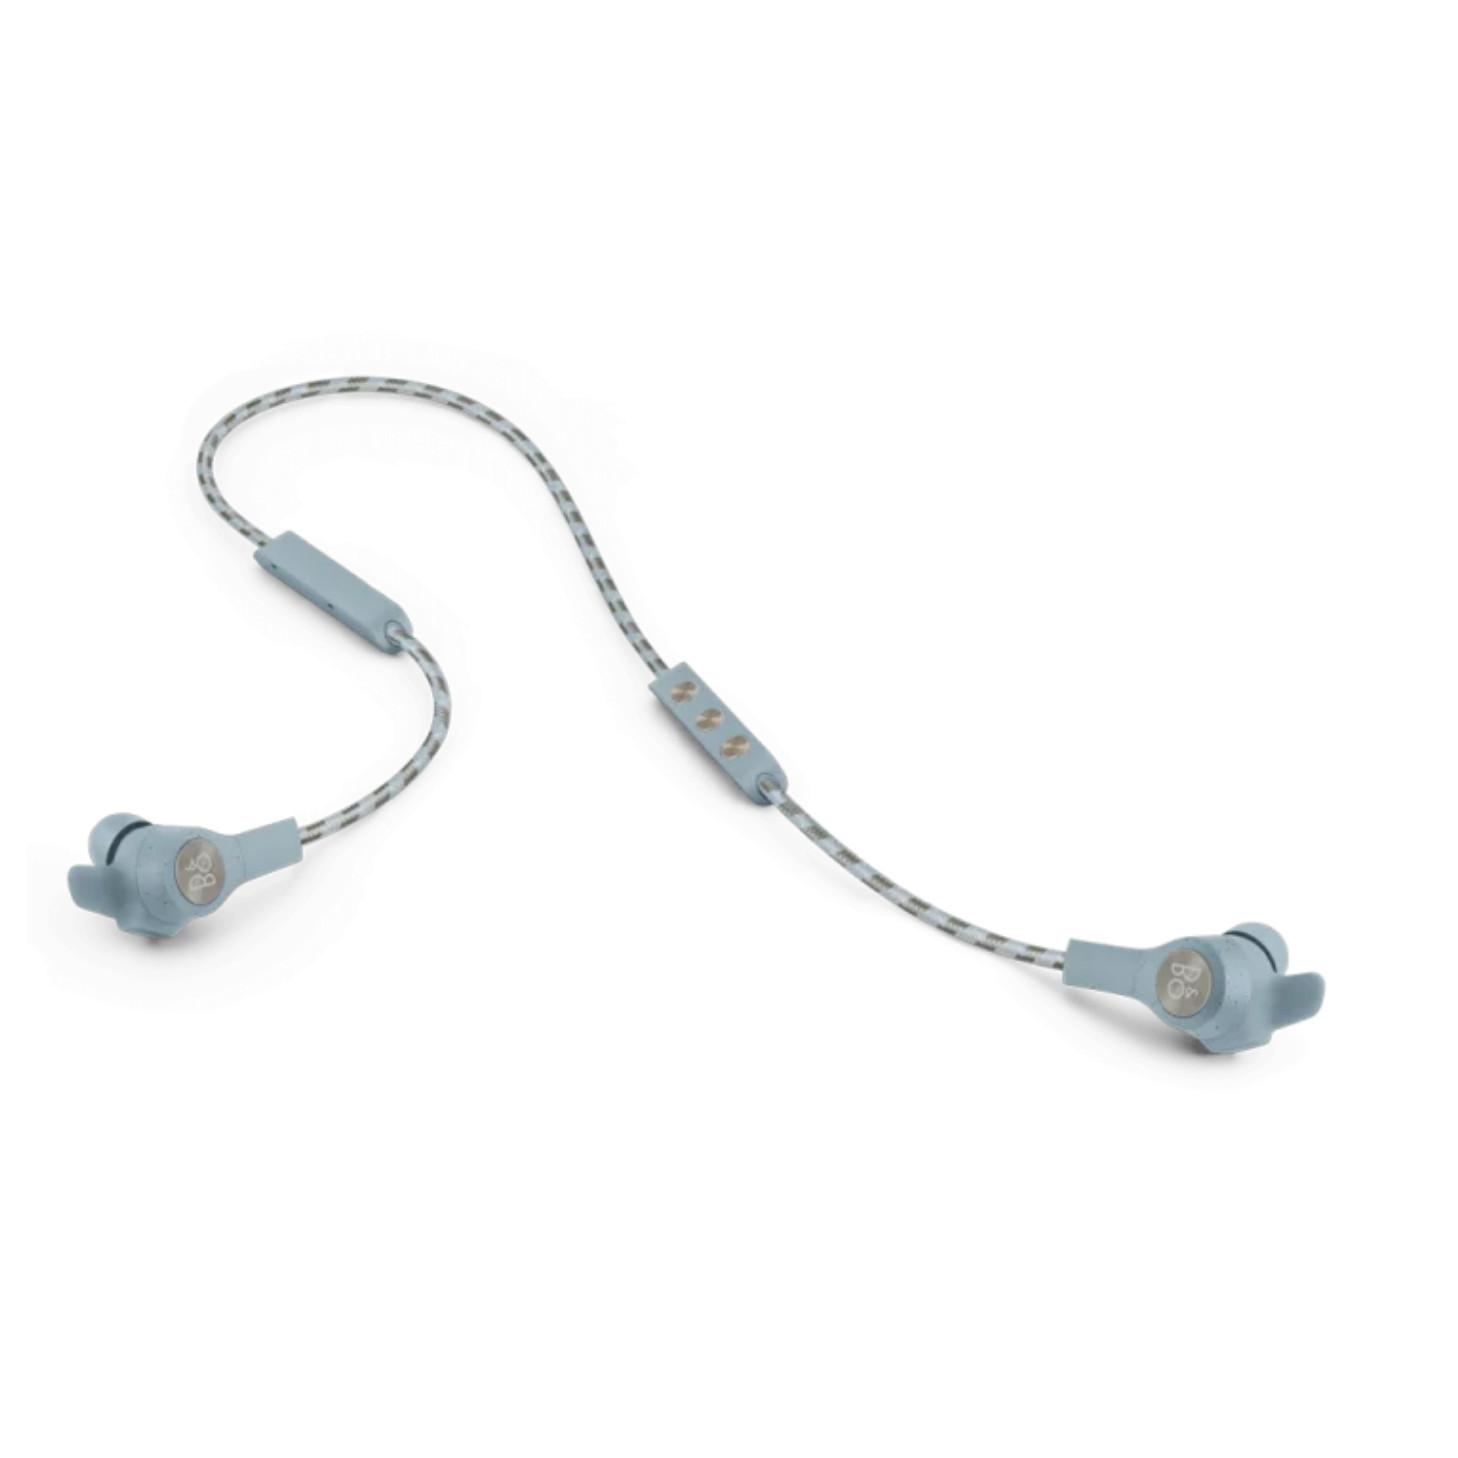 Tai nghe Bluetooth Beoplay E6 Sky - Hàng chính hãng